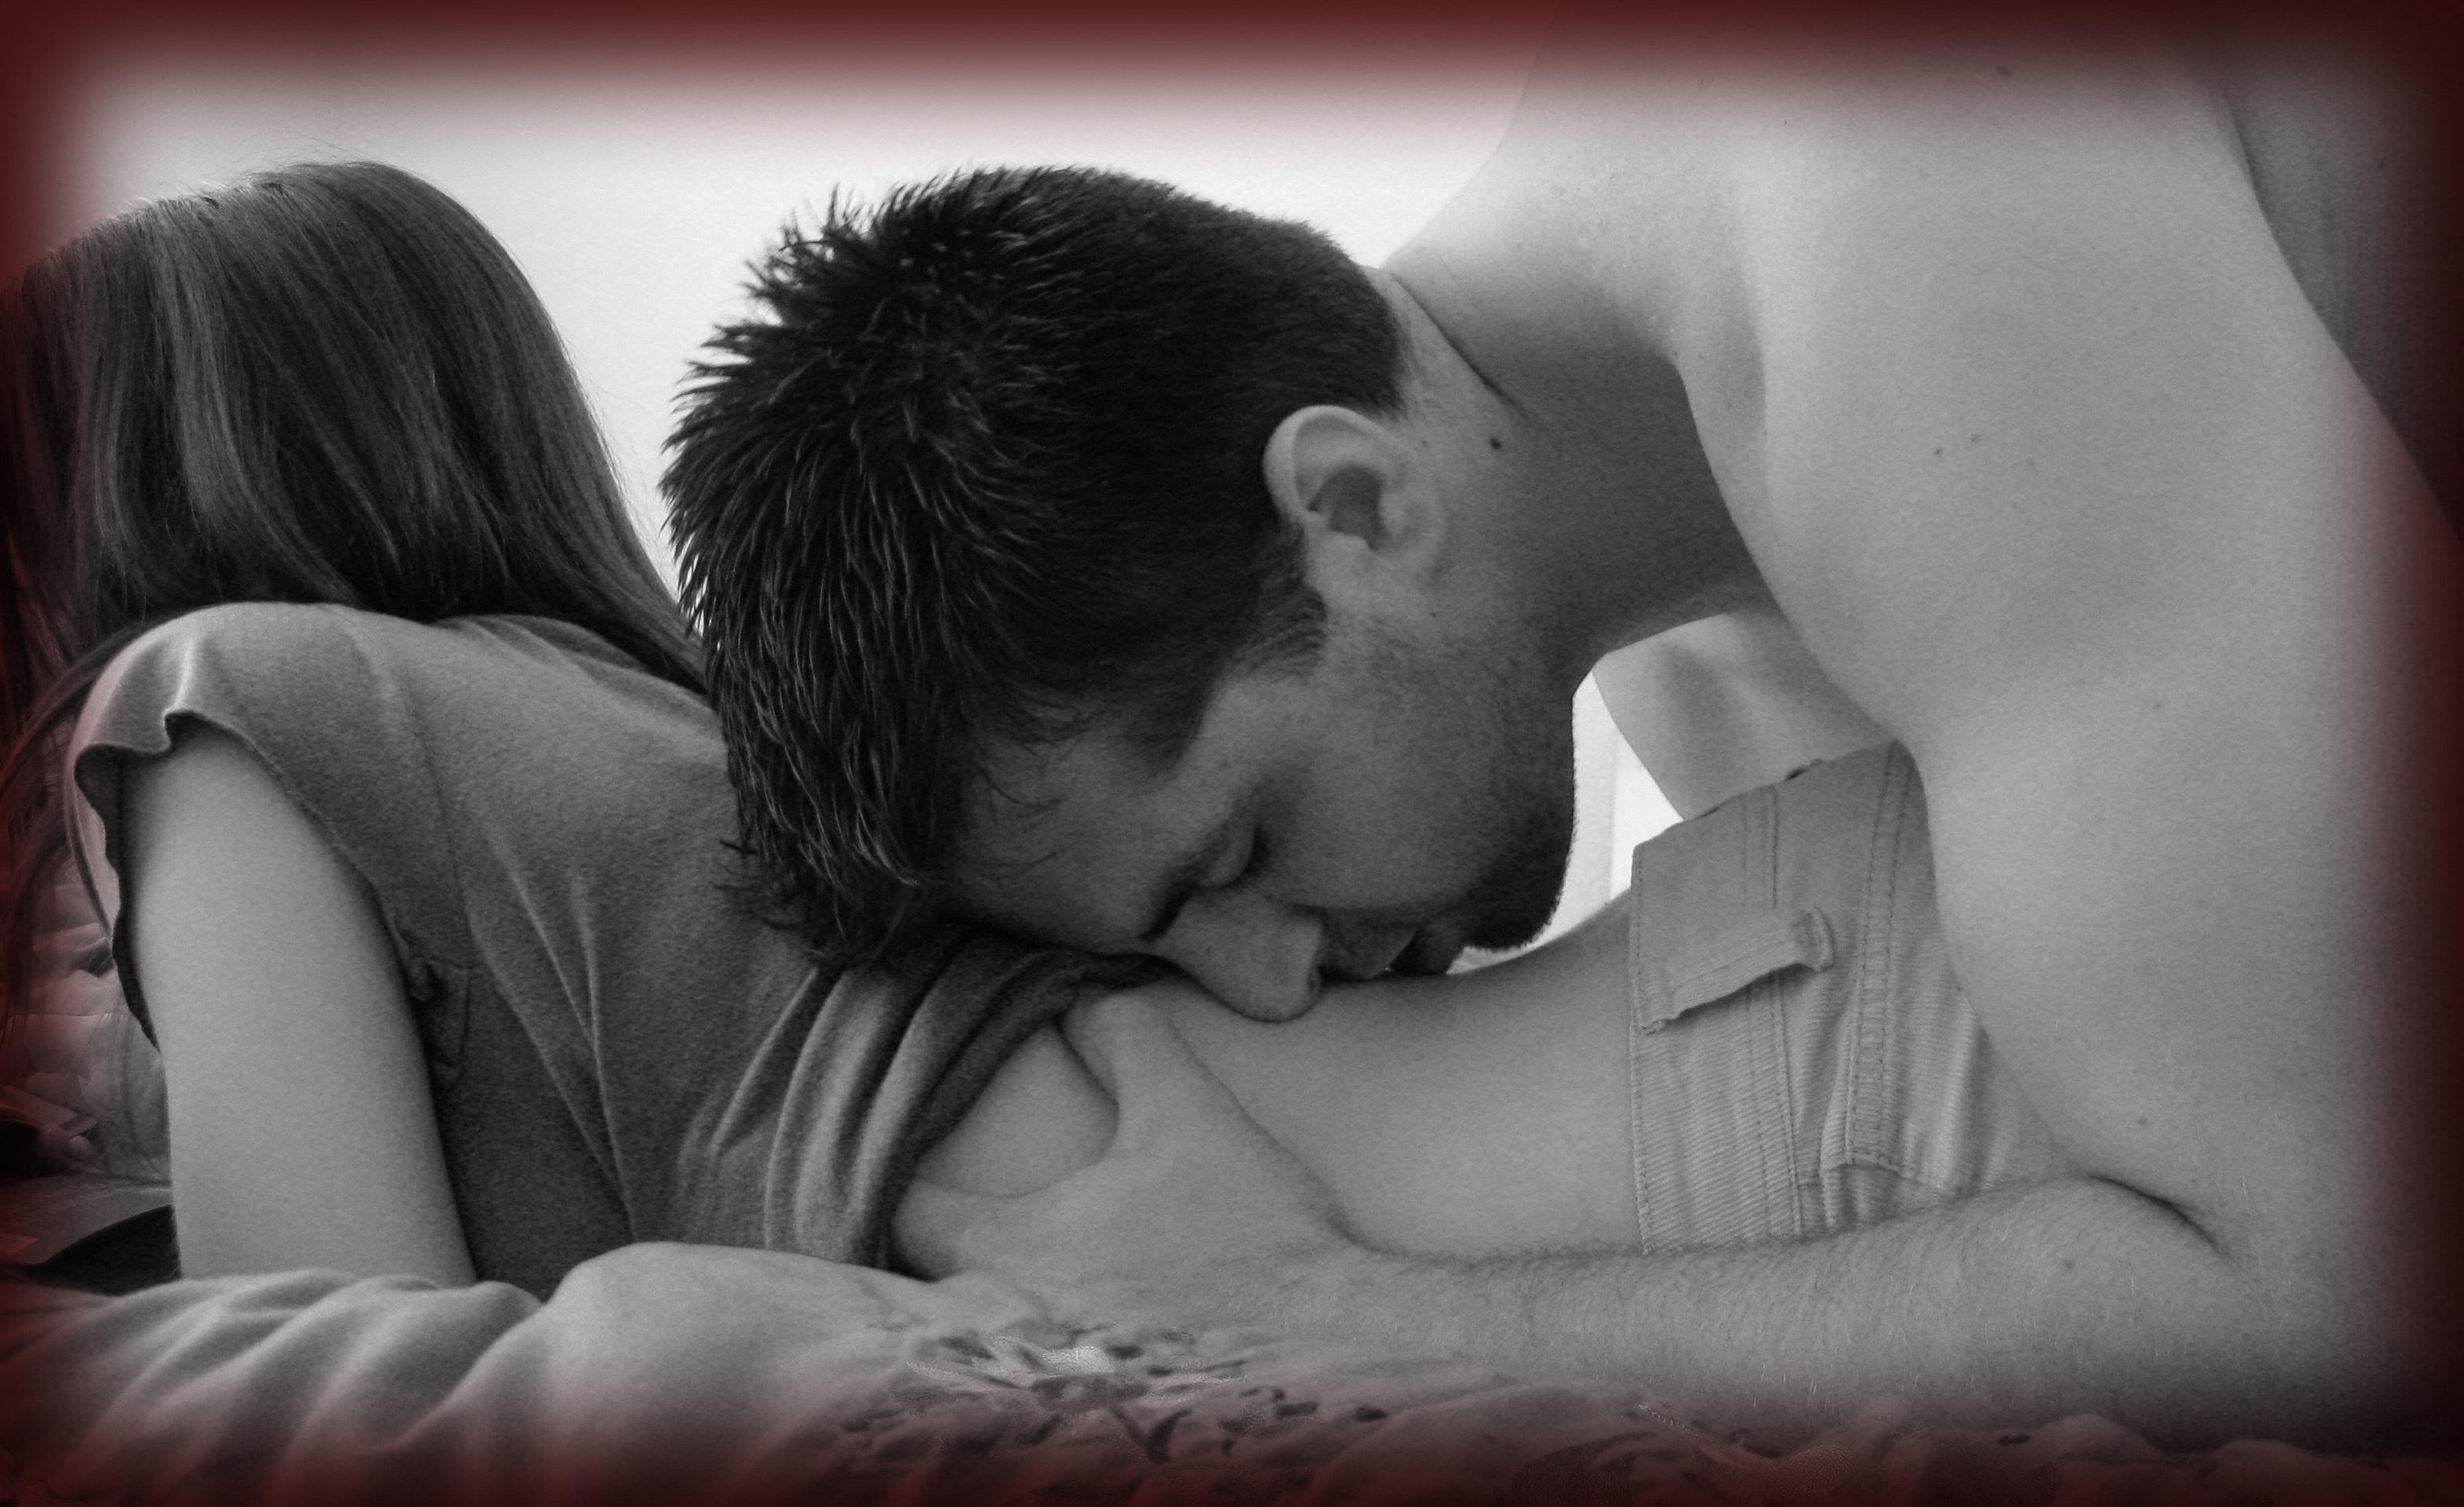 Top 5 Sex Positions According to Men & Women